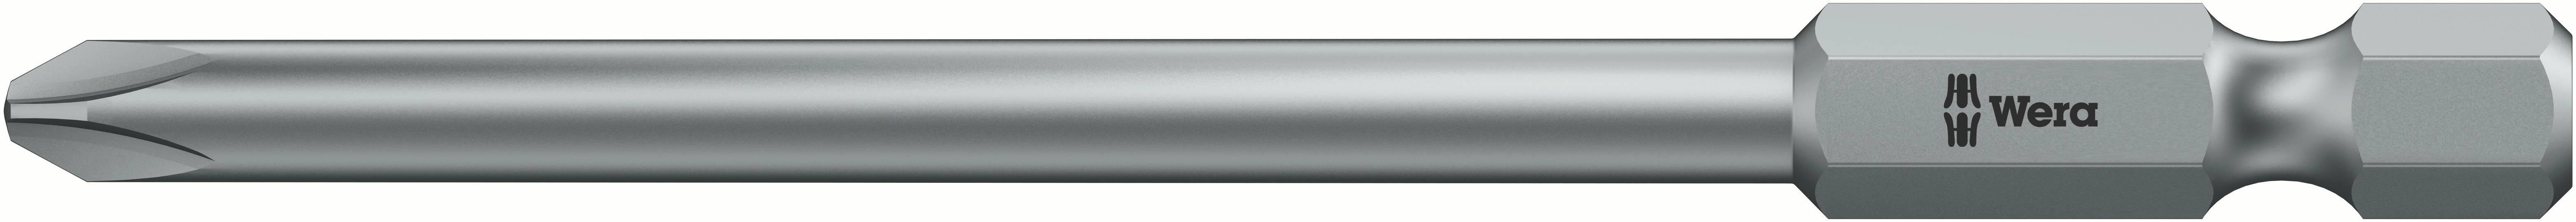 Krížový bit Wera 851/4 Z PH 2 x 89 mm;6 mm 05059775001, nástrojová oceľ, 1 ks